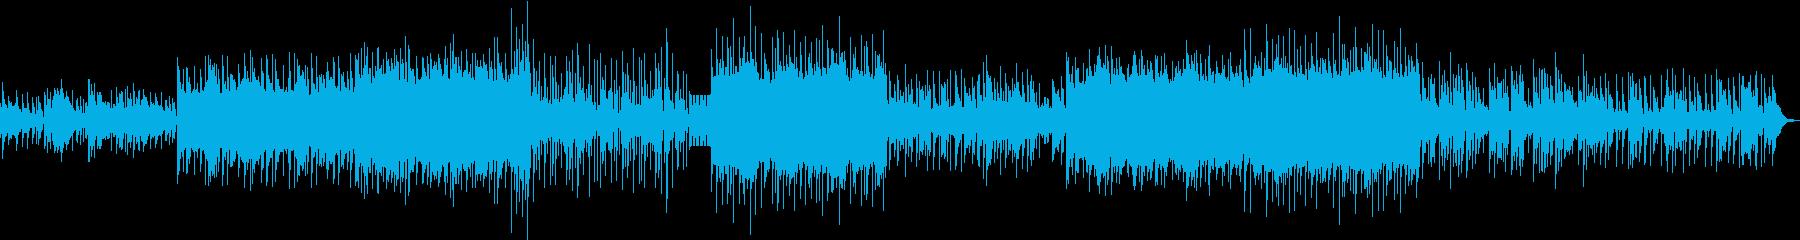 前向きなヒップホップ系のポップスの再生済みの波形